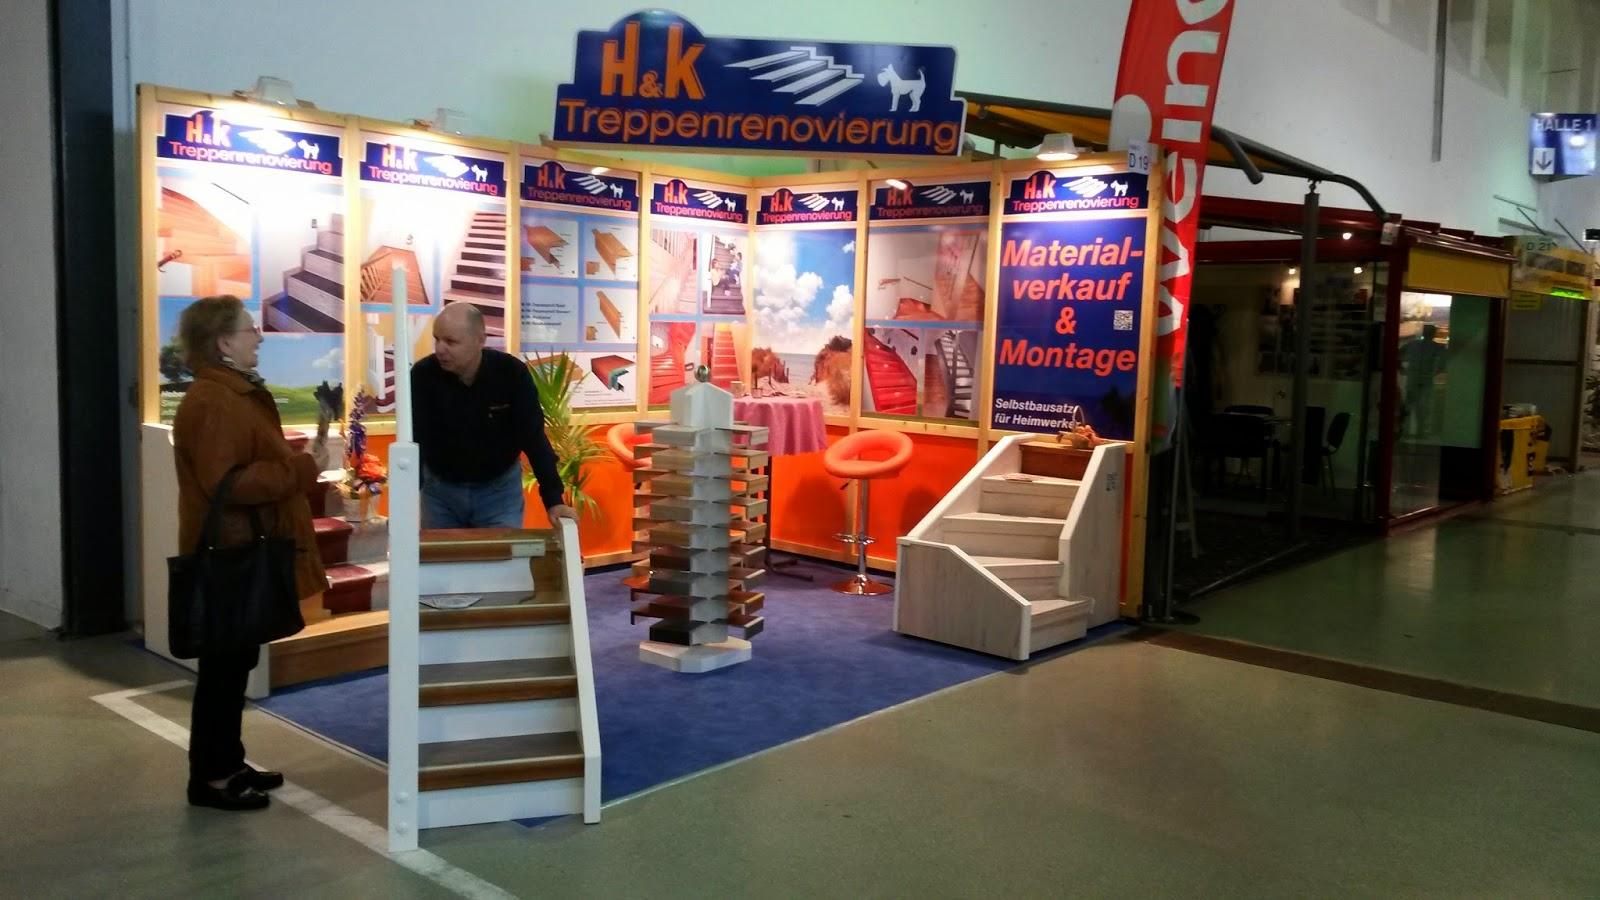 HK Treppenrenovierung - Messe-Stand Haus Dresden 2014